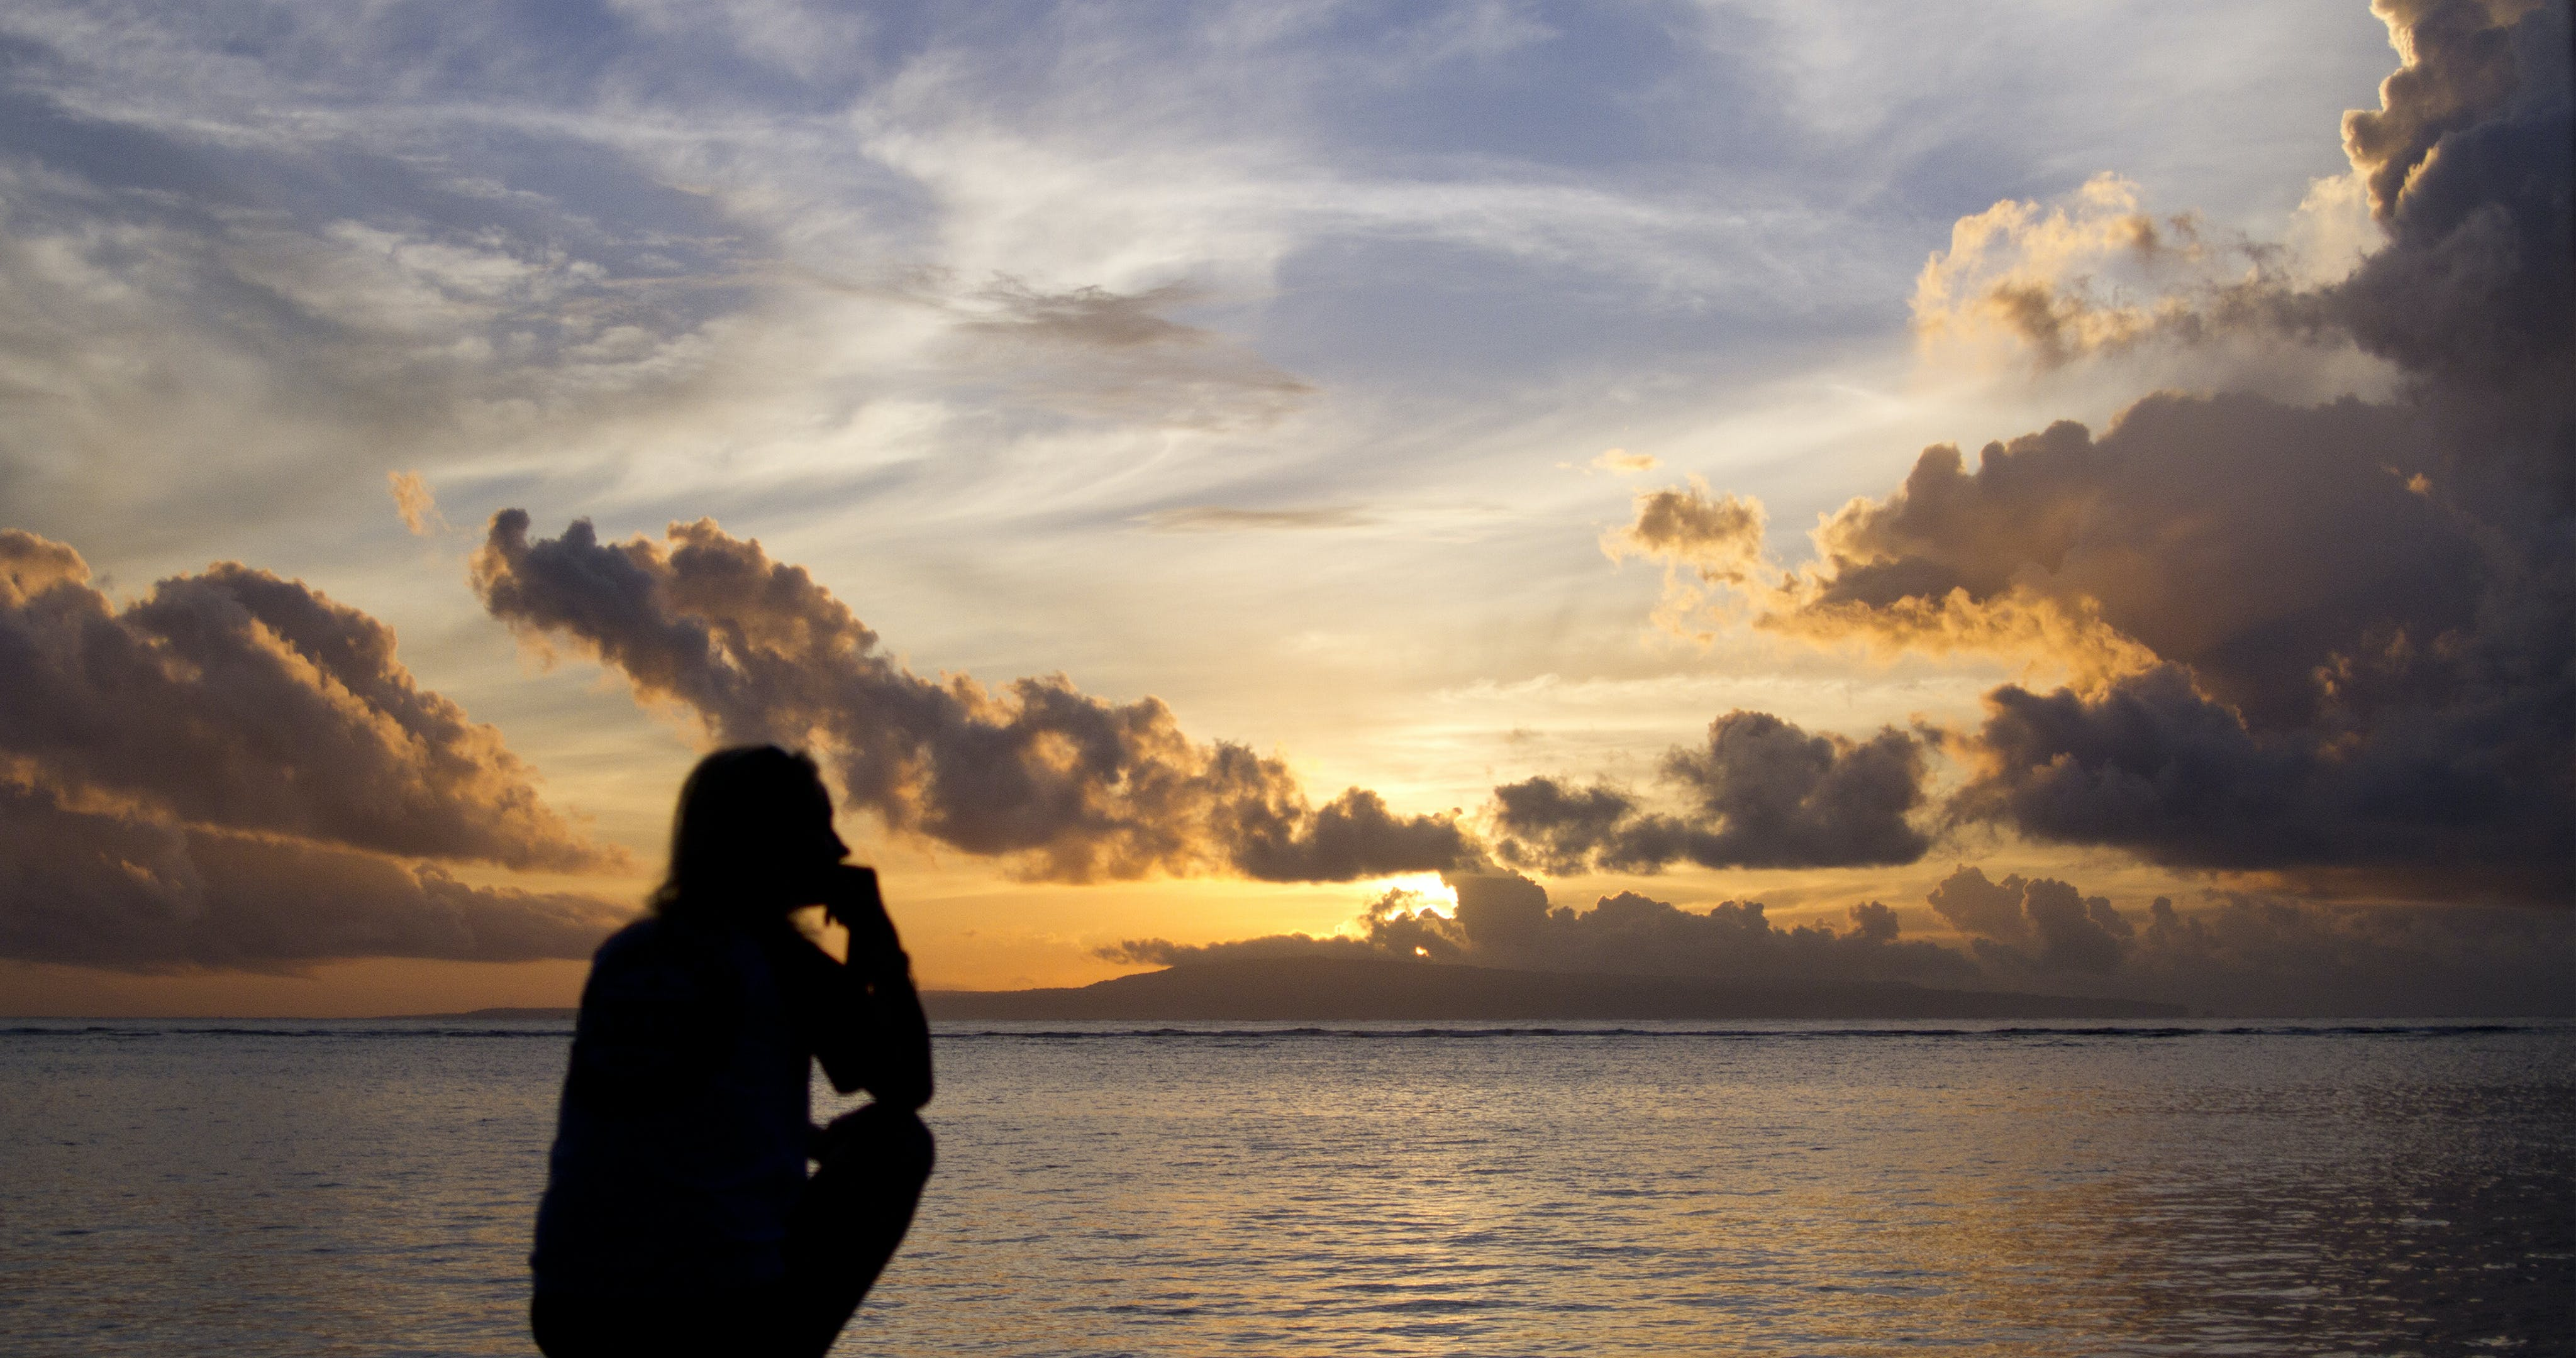 beach, girl, silhouette